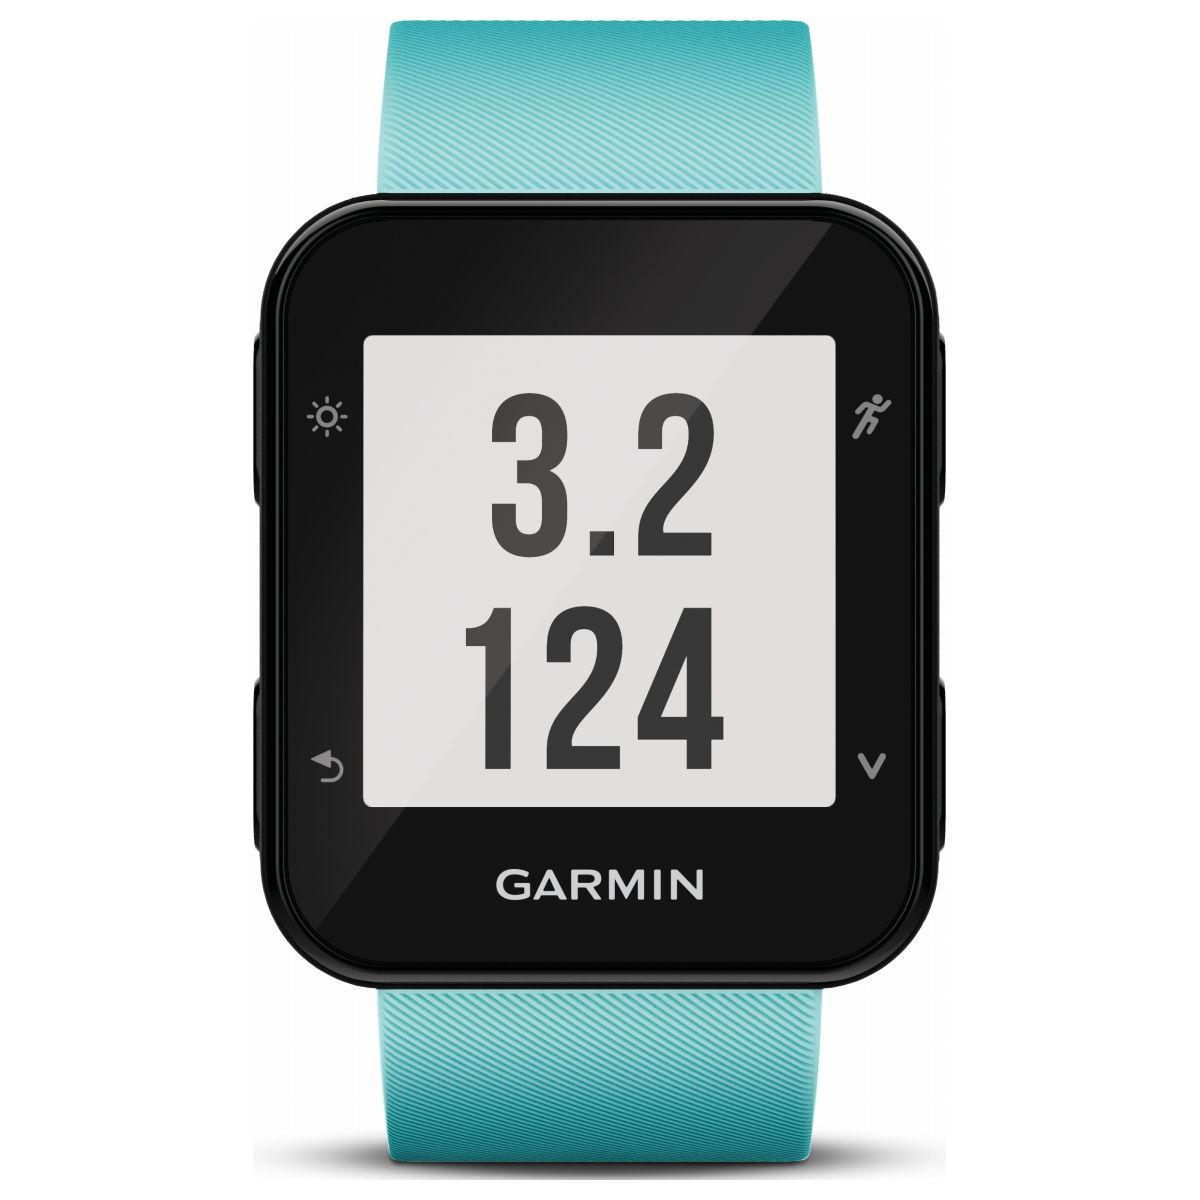 ガーミン GARMIN フォーアスリート35J ForeAthlete35J Frost Blue スマートウォッチ ウェアラブル端末 腕時計 メンズ レディース 010-01689-40